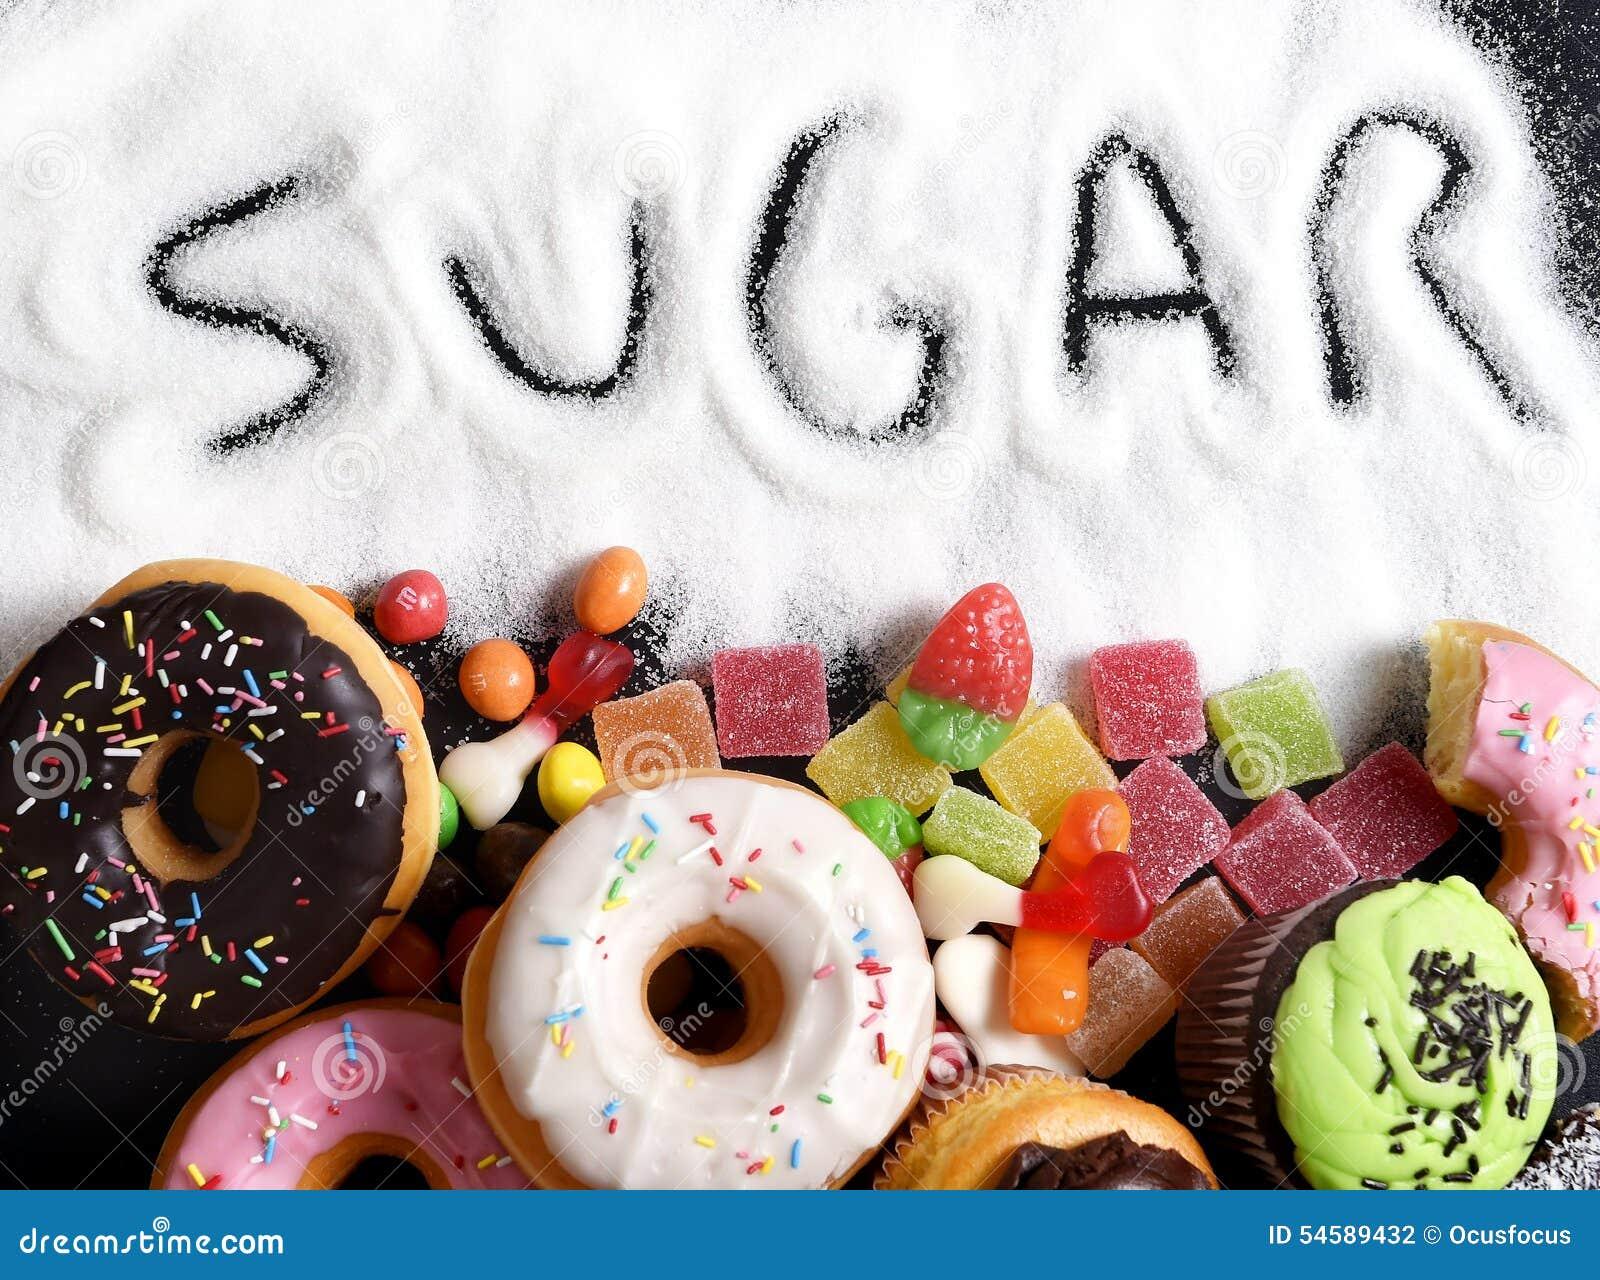 Mezcla de tortas del dulce, de anillos de espuma y de caramelo con la extensión del azúcar y de texto escrito en la nutrición mal